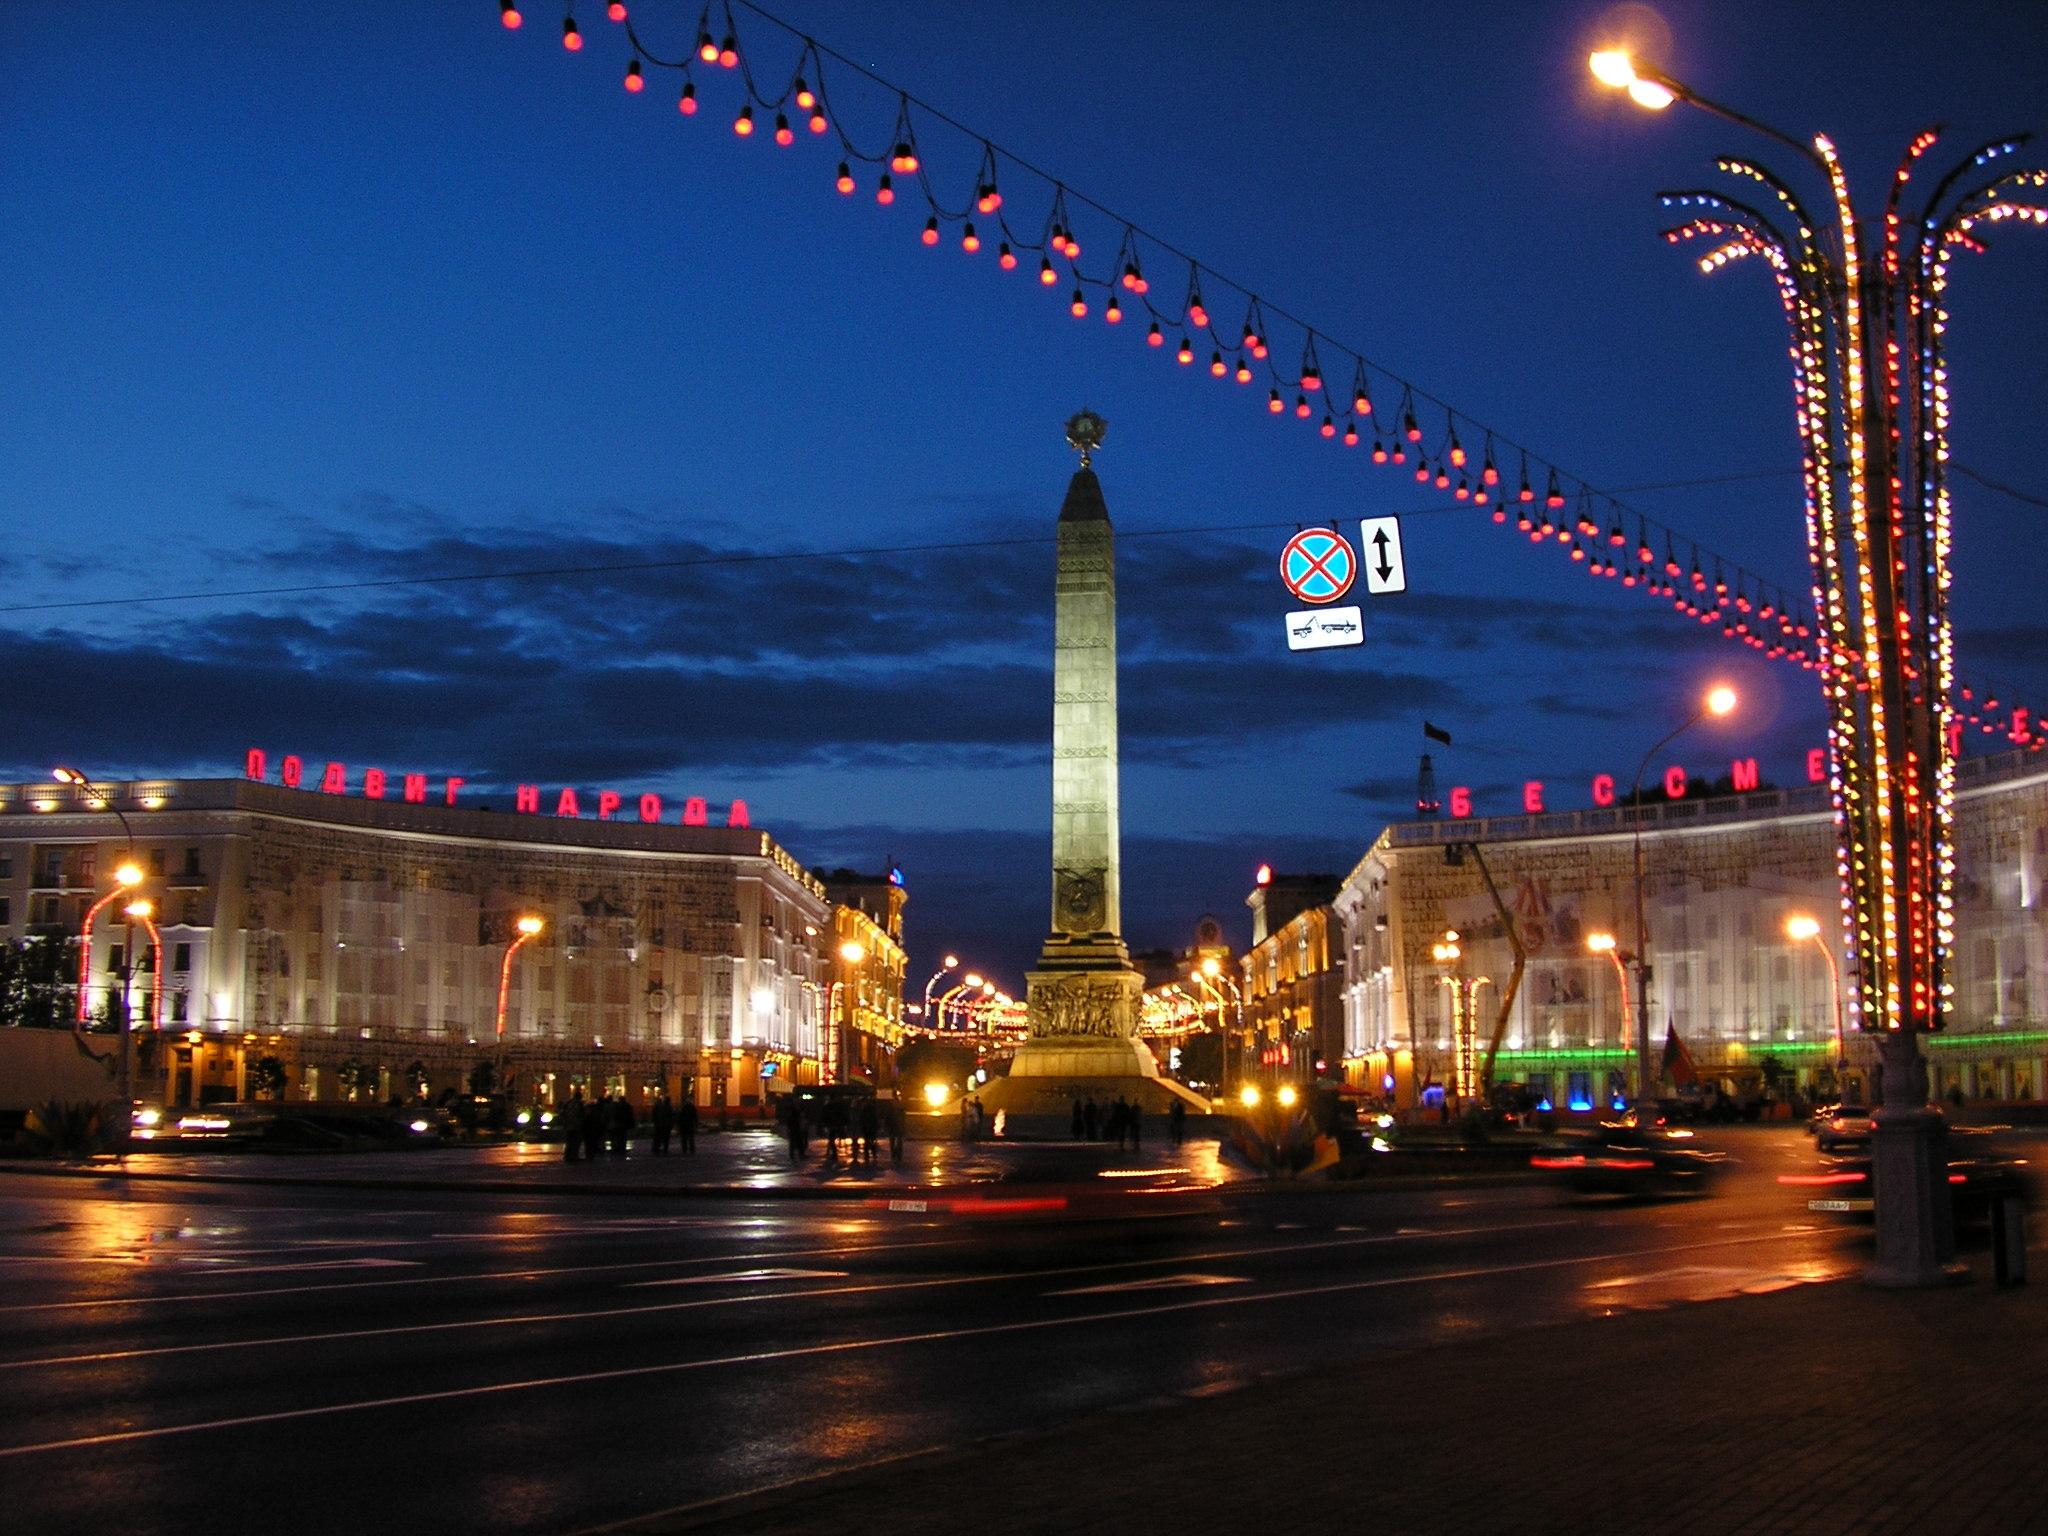 میدان استقلال مینسک، بزرگترین میدان قاره سبز